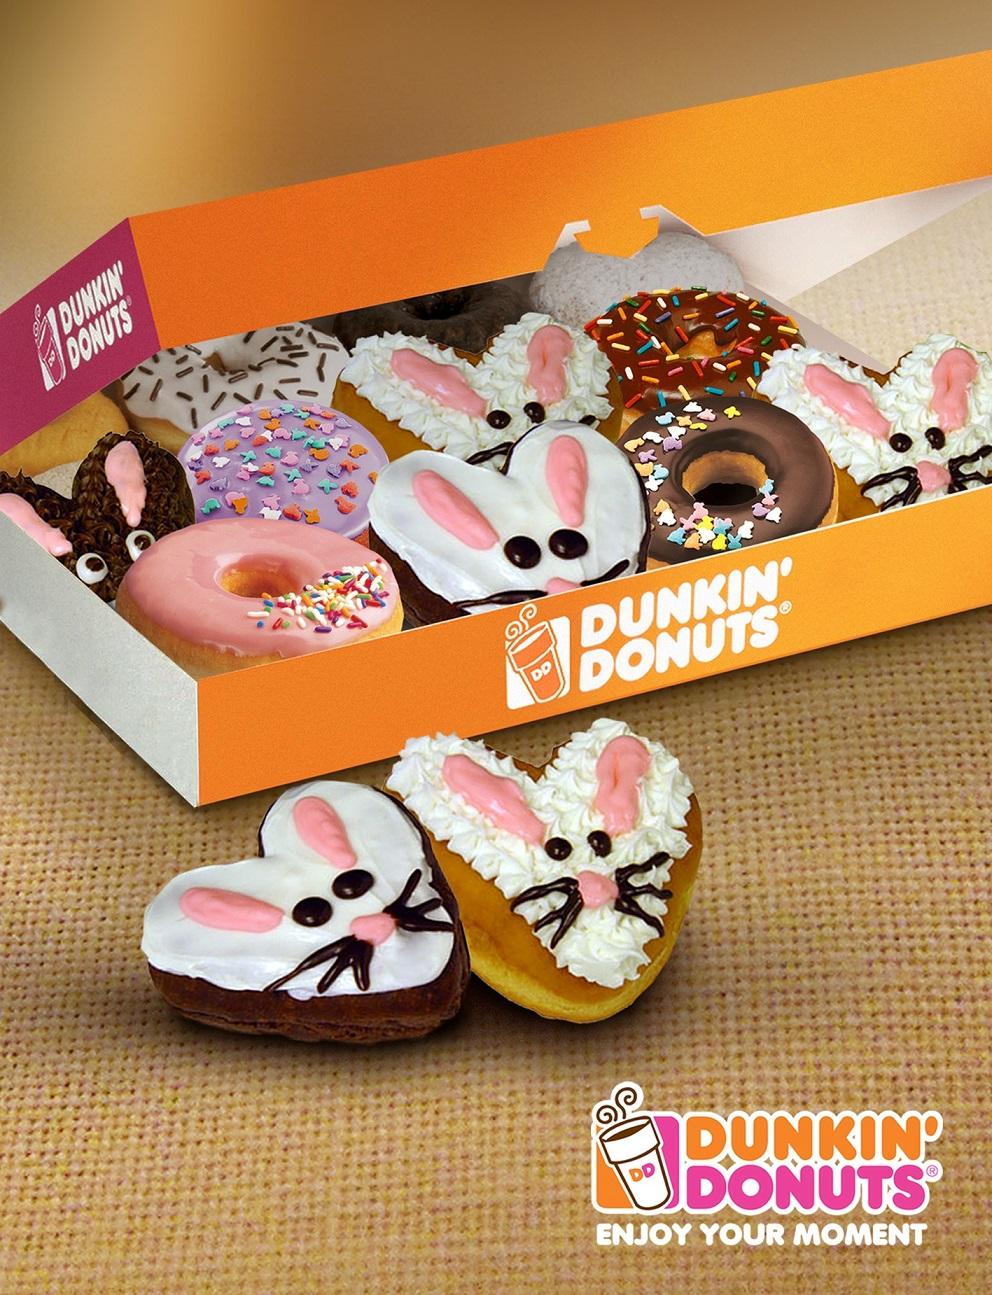 Los conejitos llegan a Dunkin' Donuts